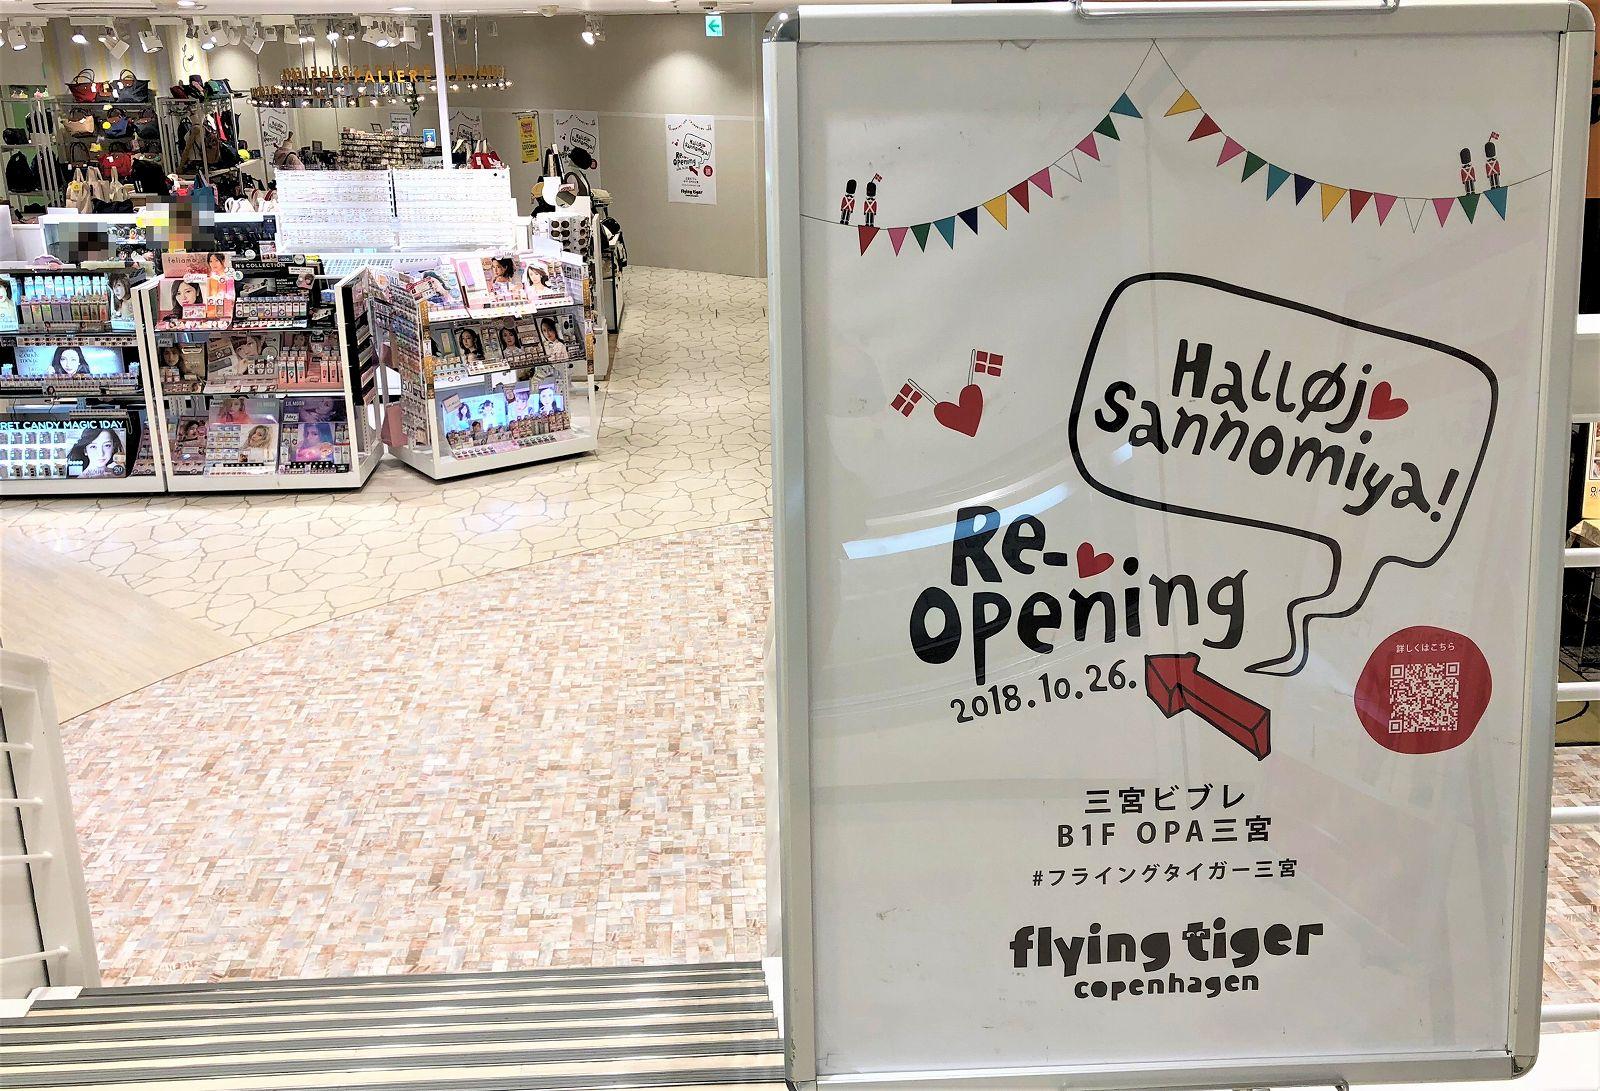 【※写真追加!】デンマーク発の雑貨ブランド「フライング タイガー」が 三宮ビブレに10/26(金)オープンします! #フライングタイガー #新規オープン #三宮ビブレ #北欧雑貨